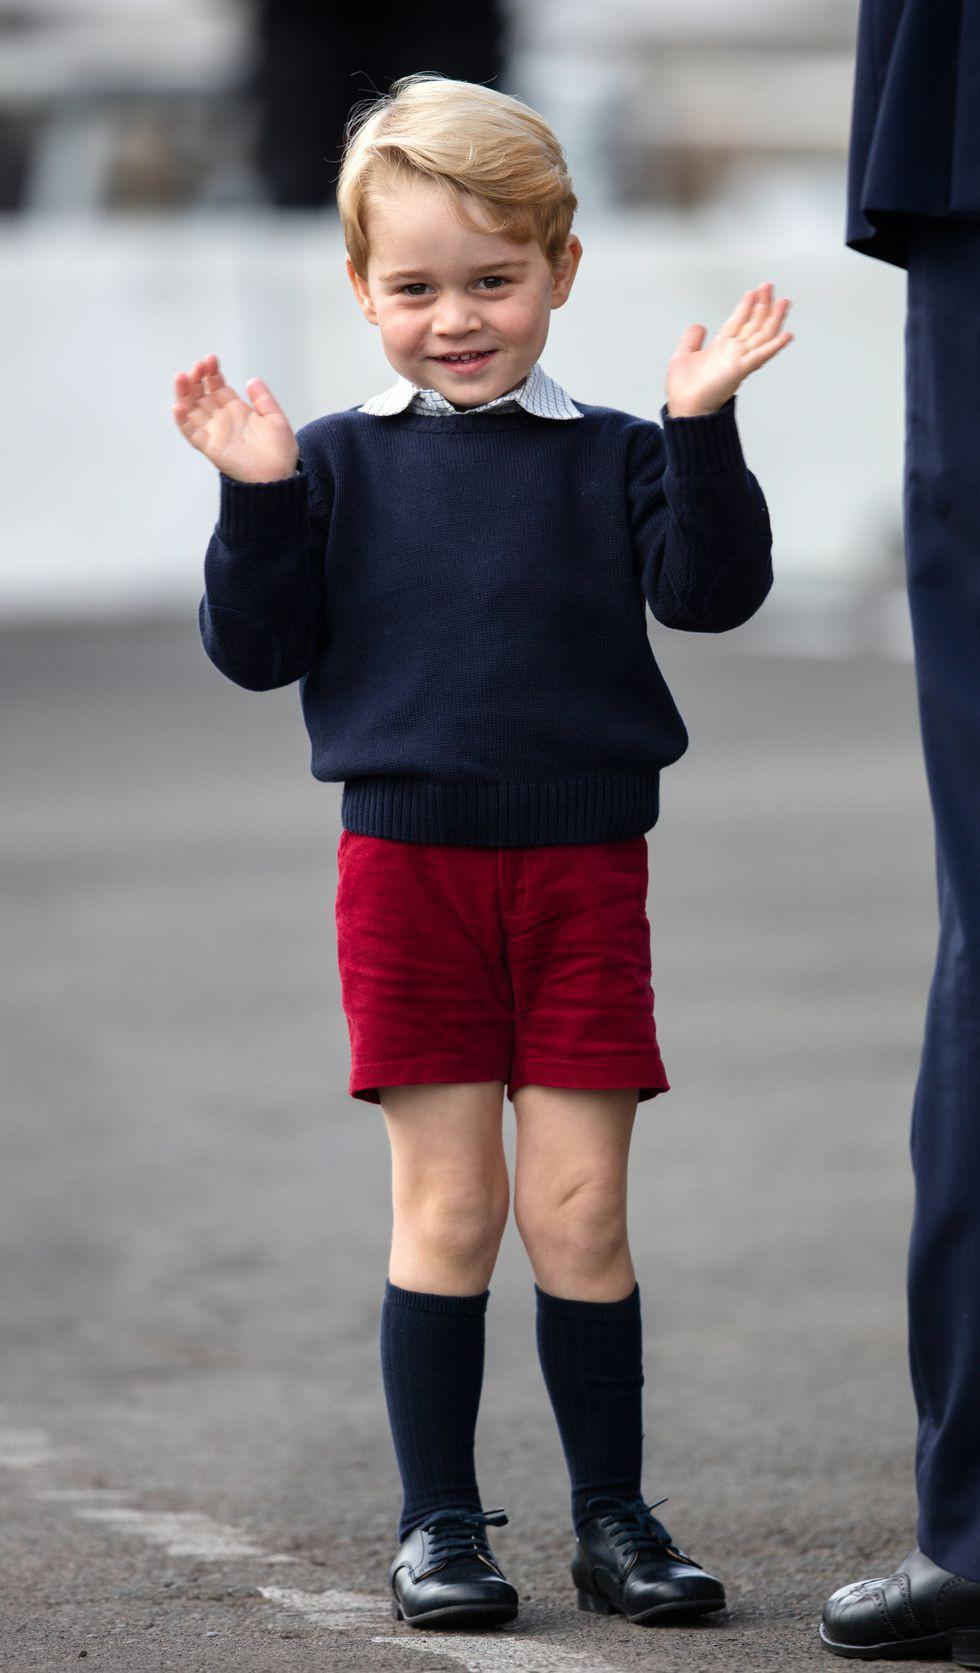 Tưởng chỉ cần ăn mặc trang nhã là đủ, hóa ra thành viên hoàng gia Anh phải tuân thủ cả chục quy tắc thời trang khắt khe - Ảnh 10.